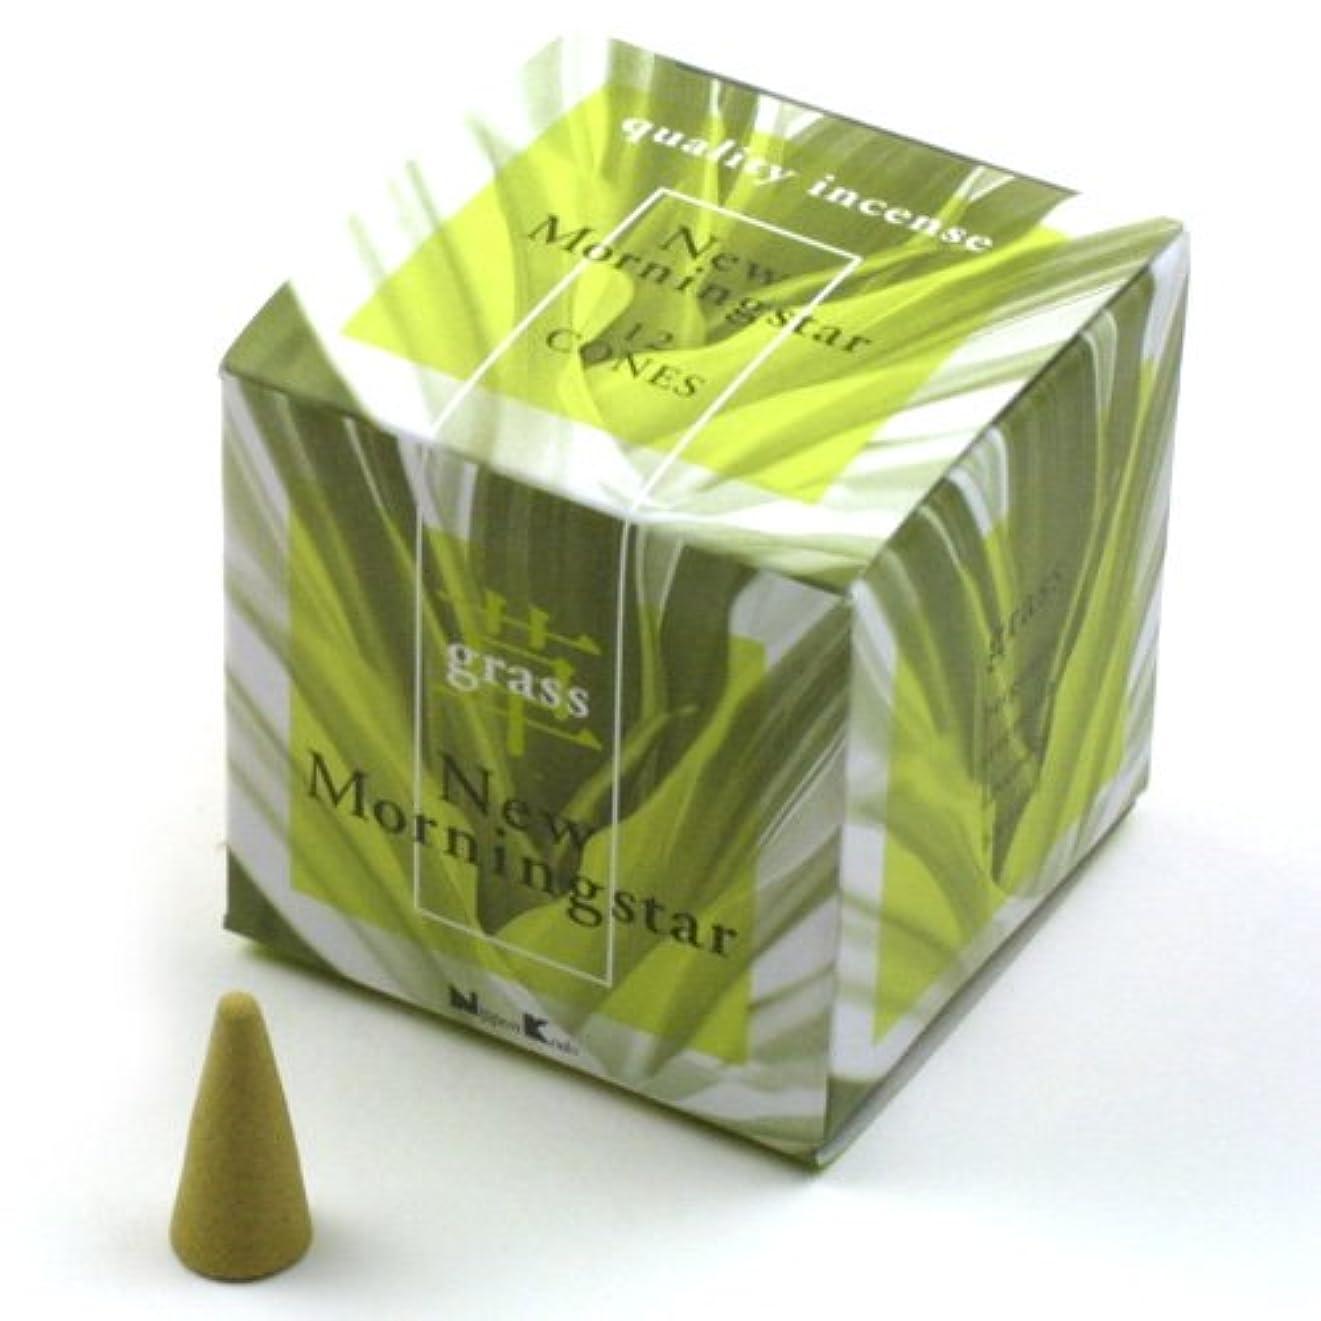 支払い外交官樹木ニューモーニングインセンスコーン グラス(grass)